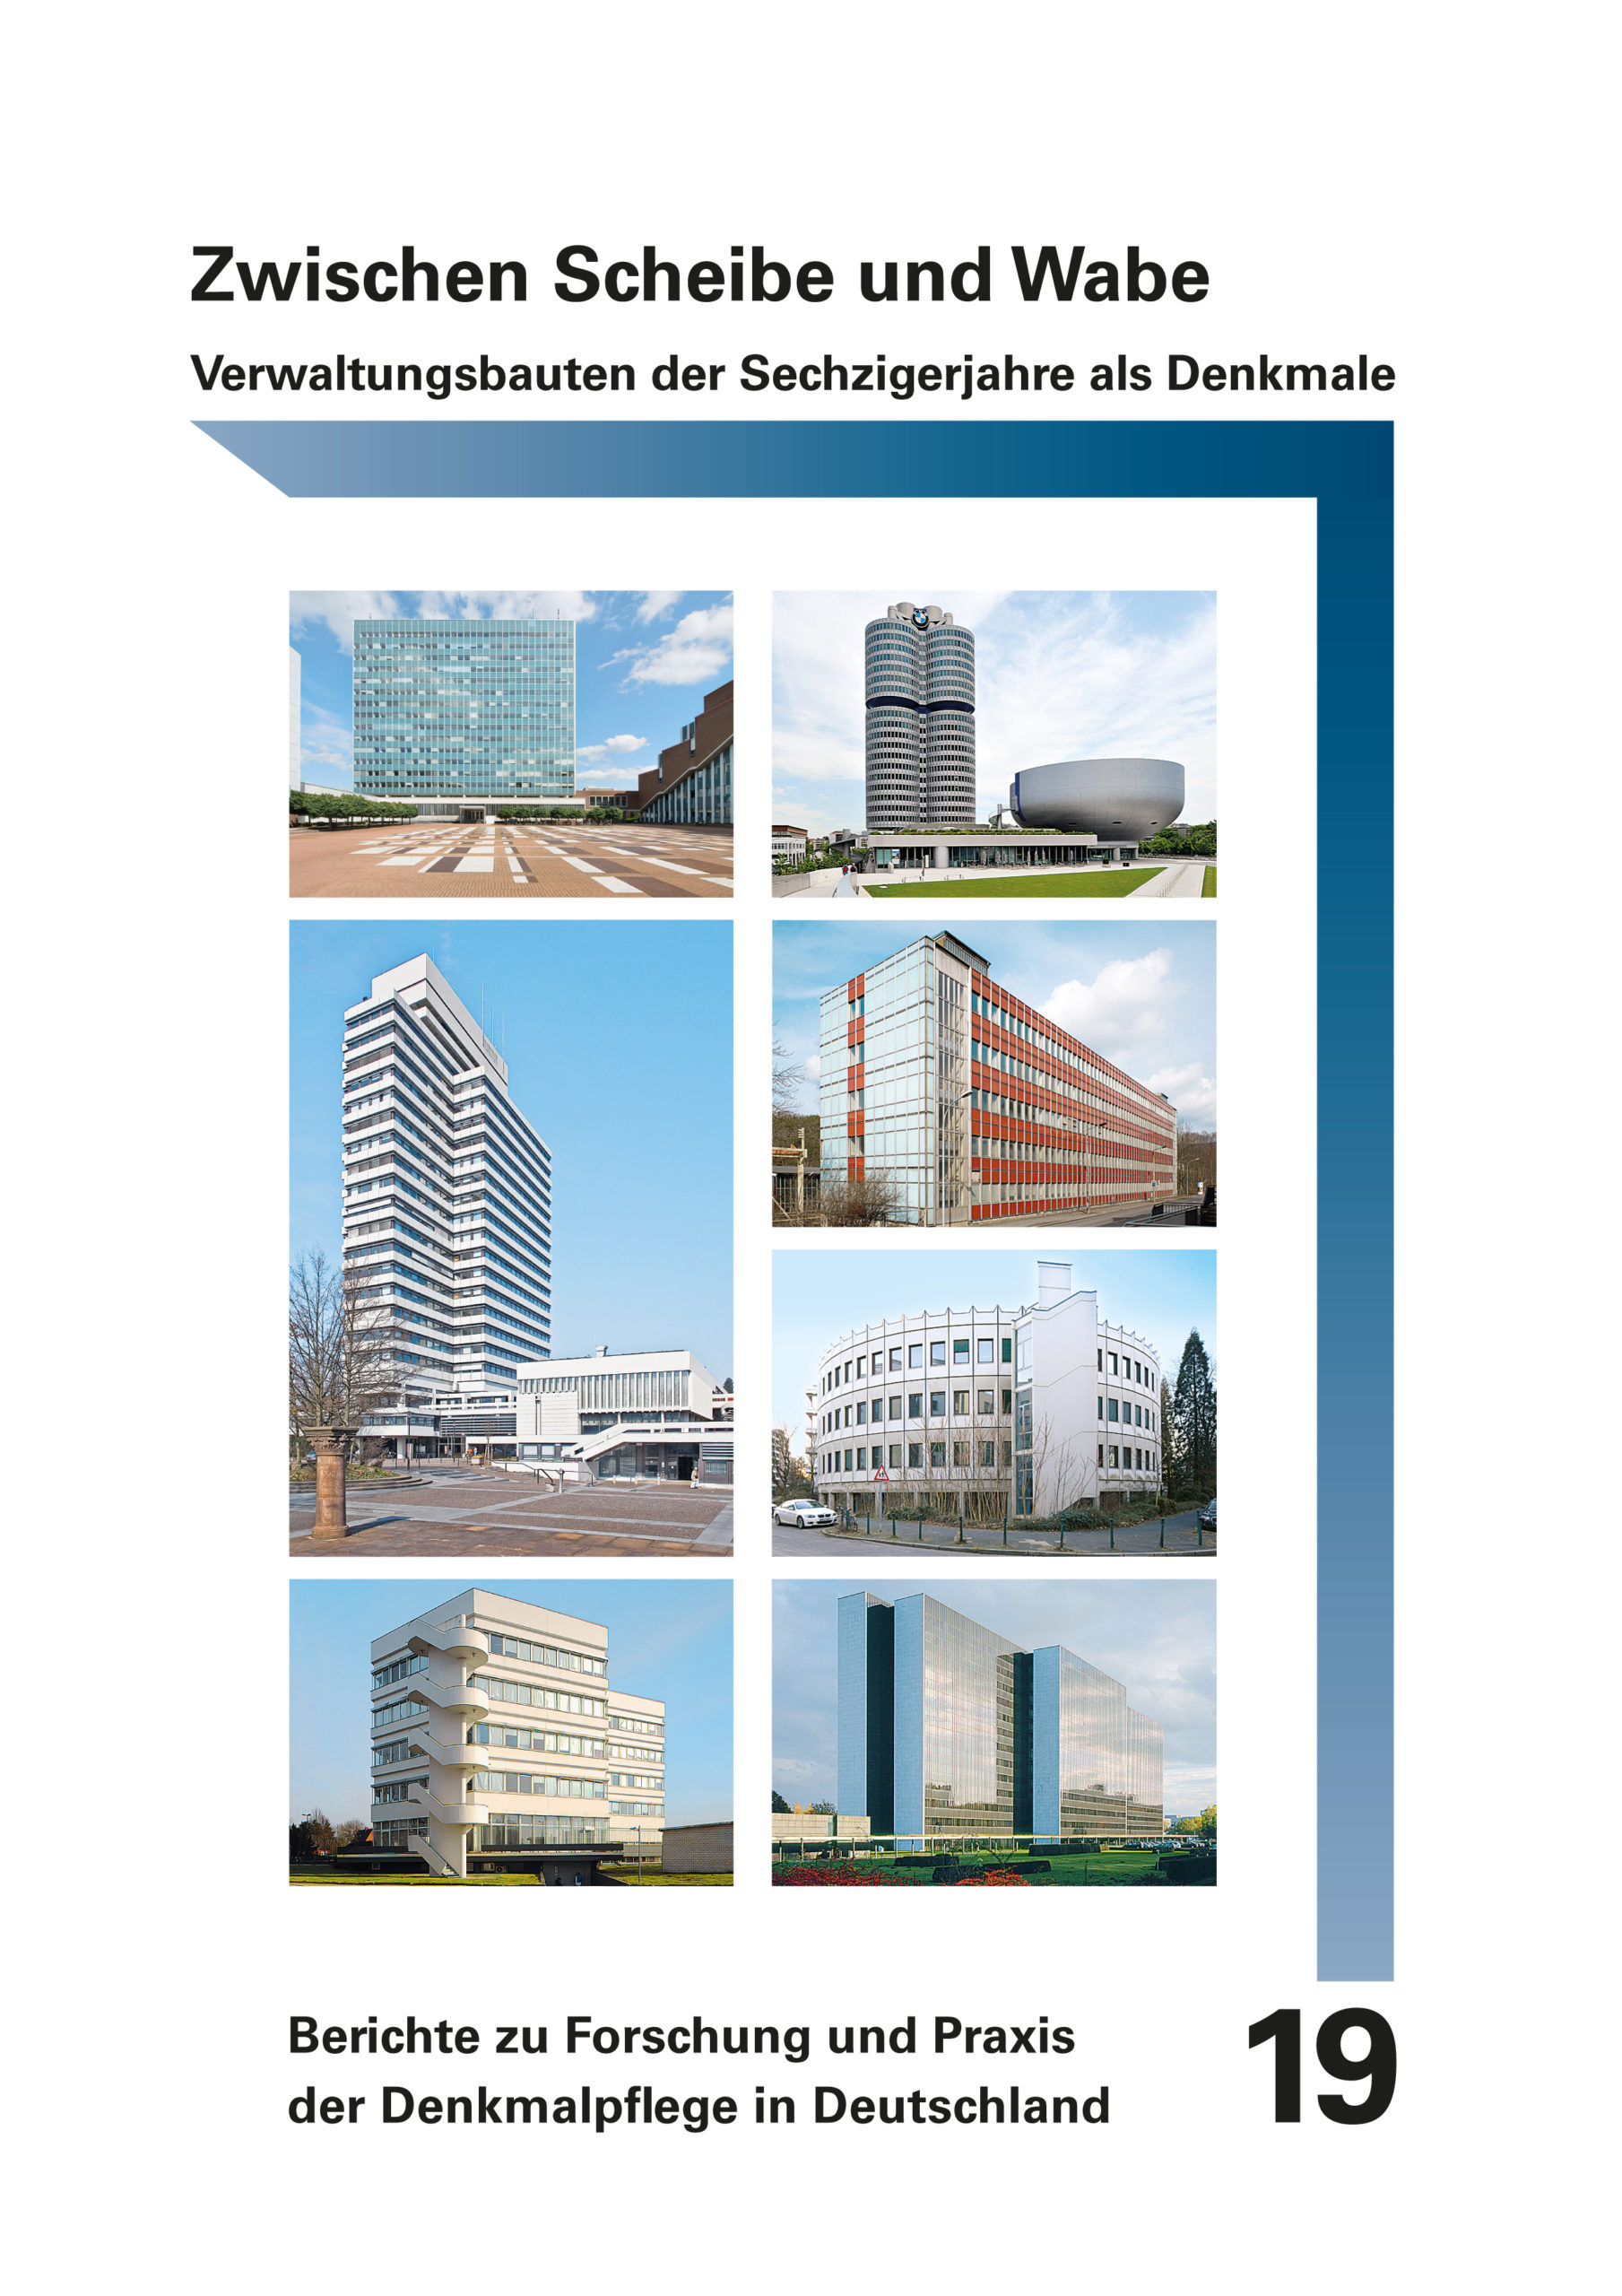 Verwaltungsbauten Bd 19 Umschlag_Layout 1